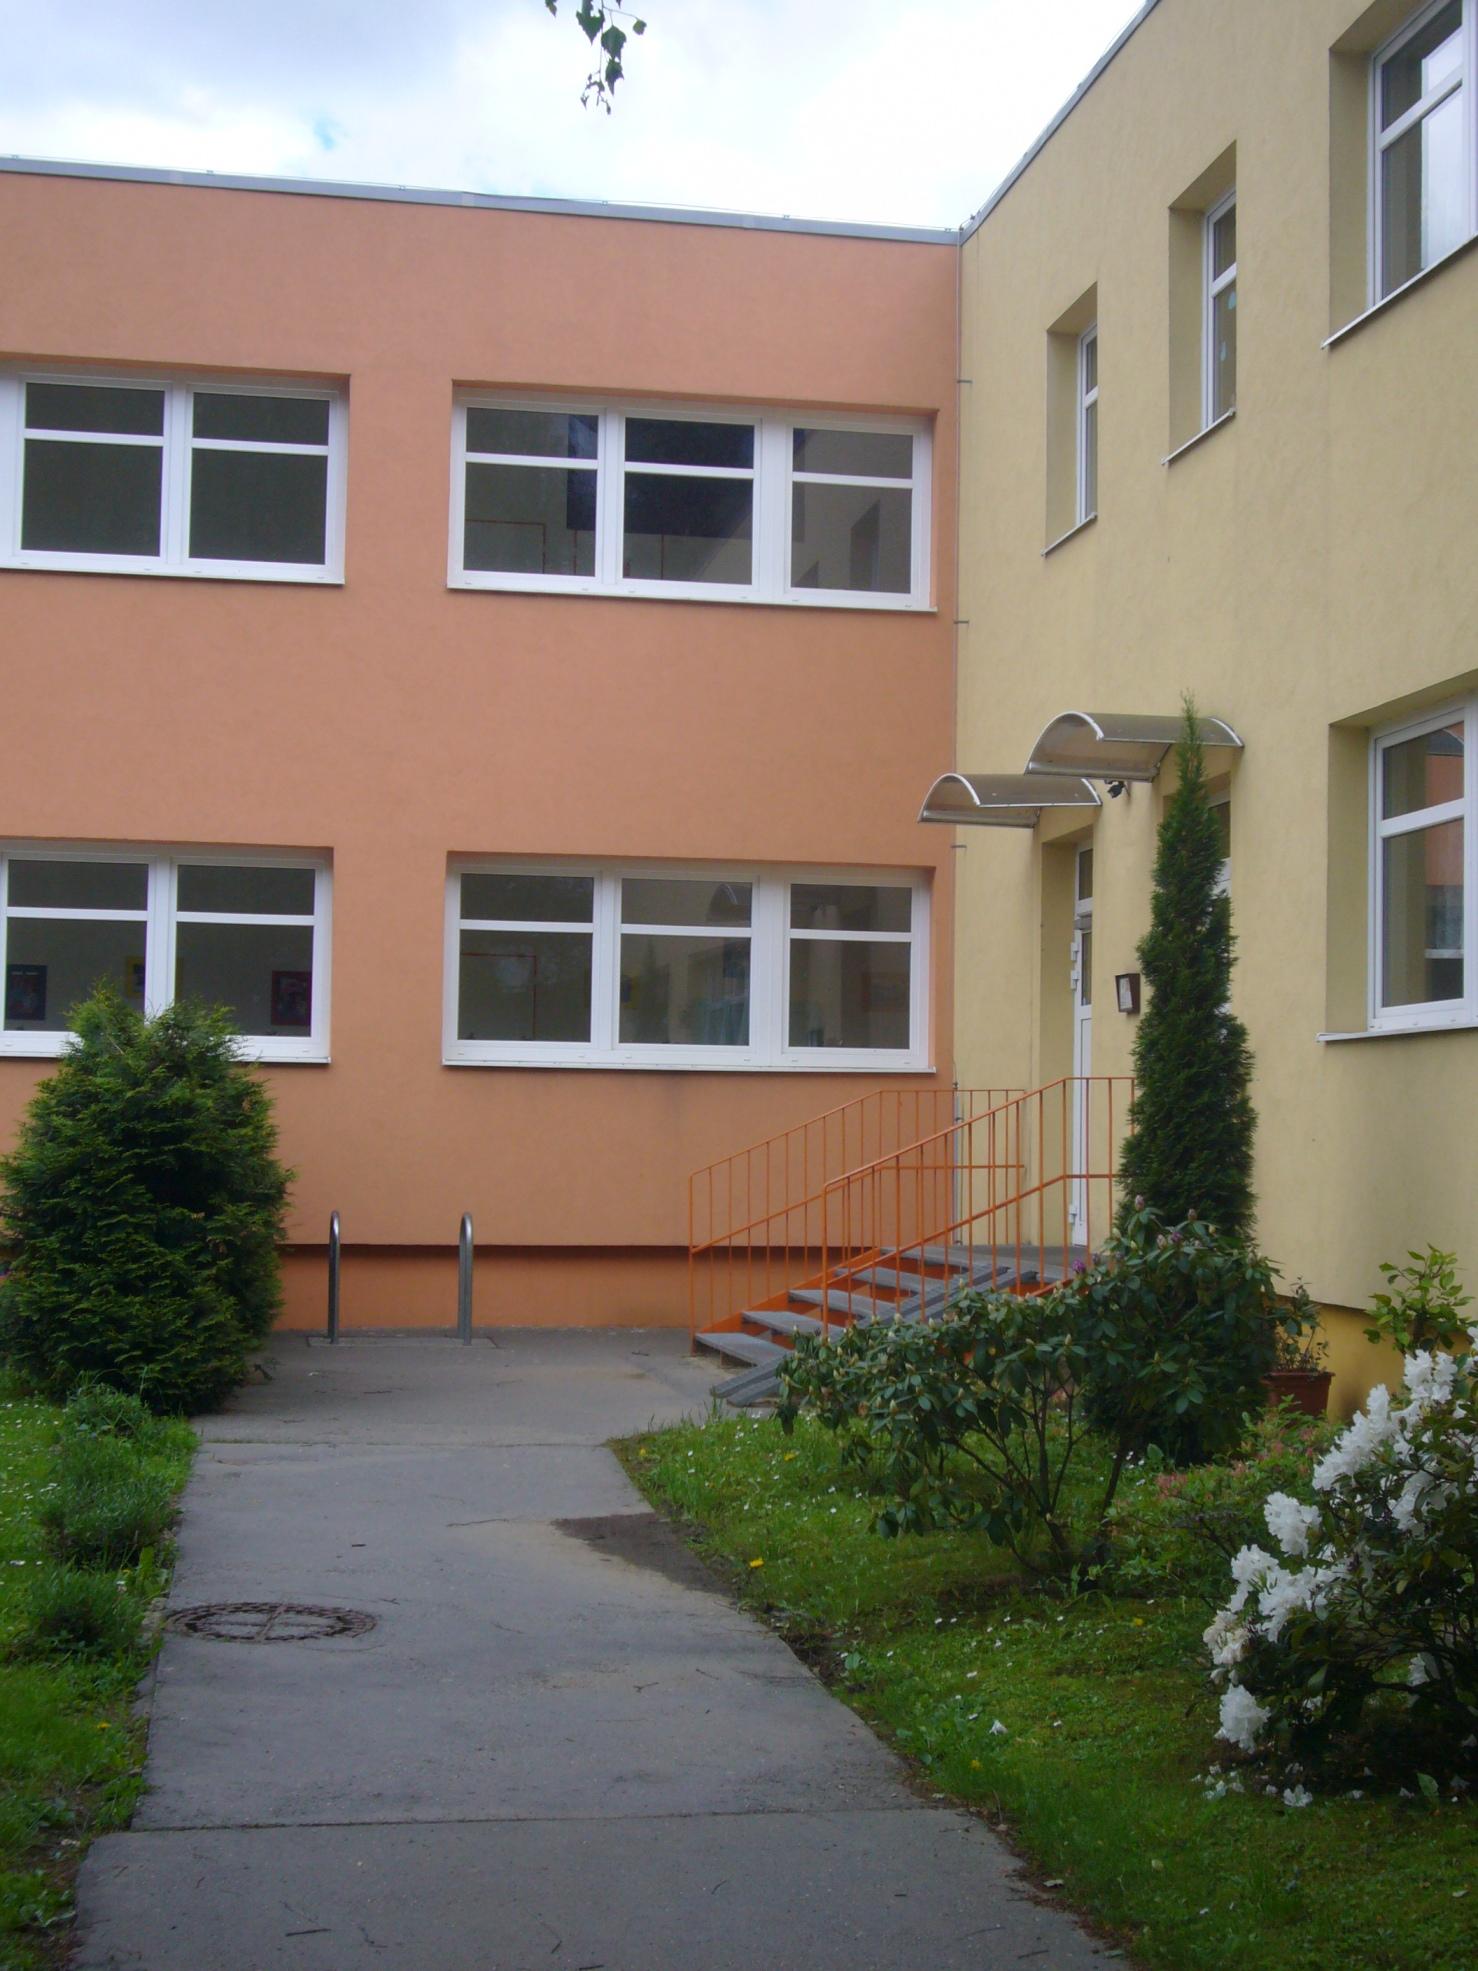 II 02a MŠ Anny Drabíkové 536, obrázek se otevře v novém okně